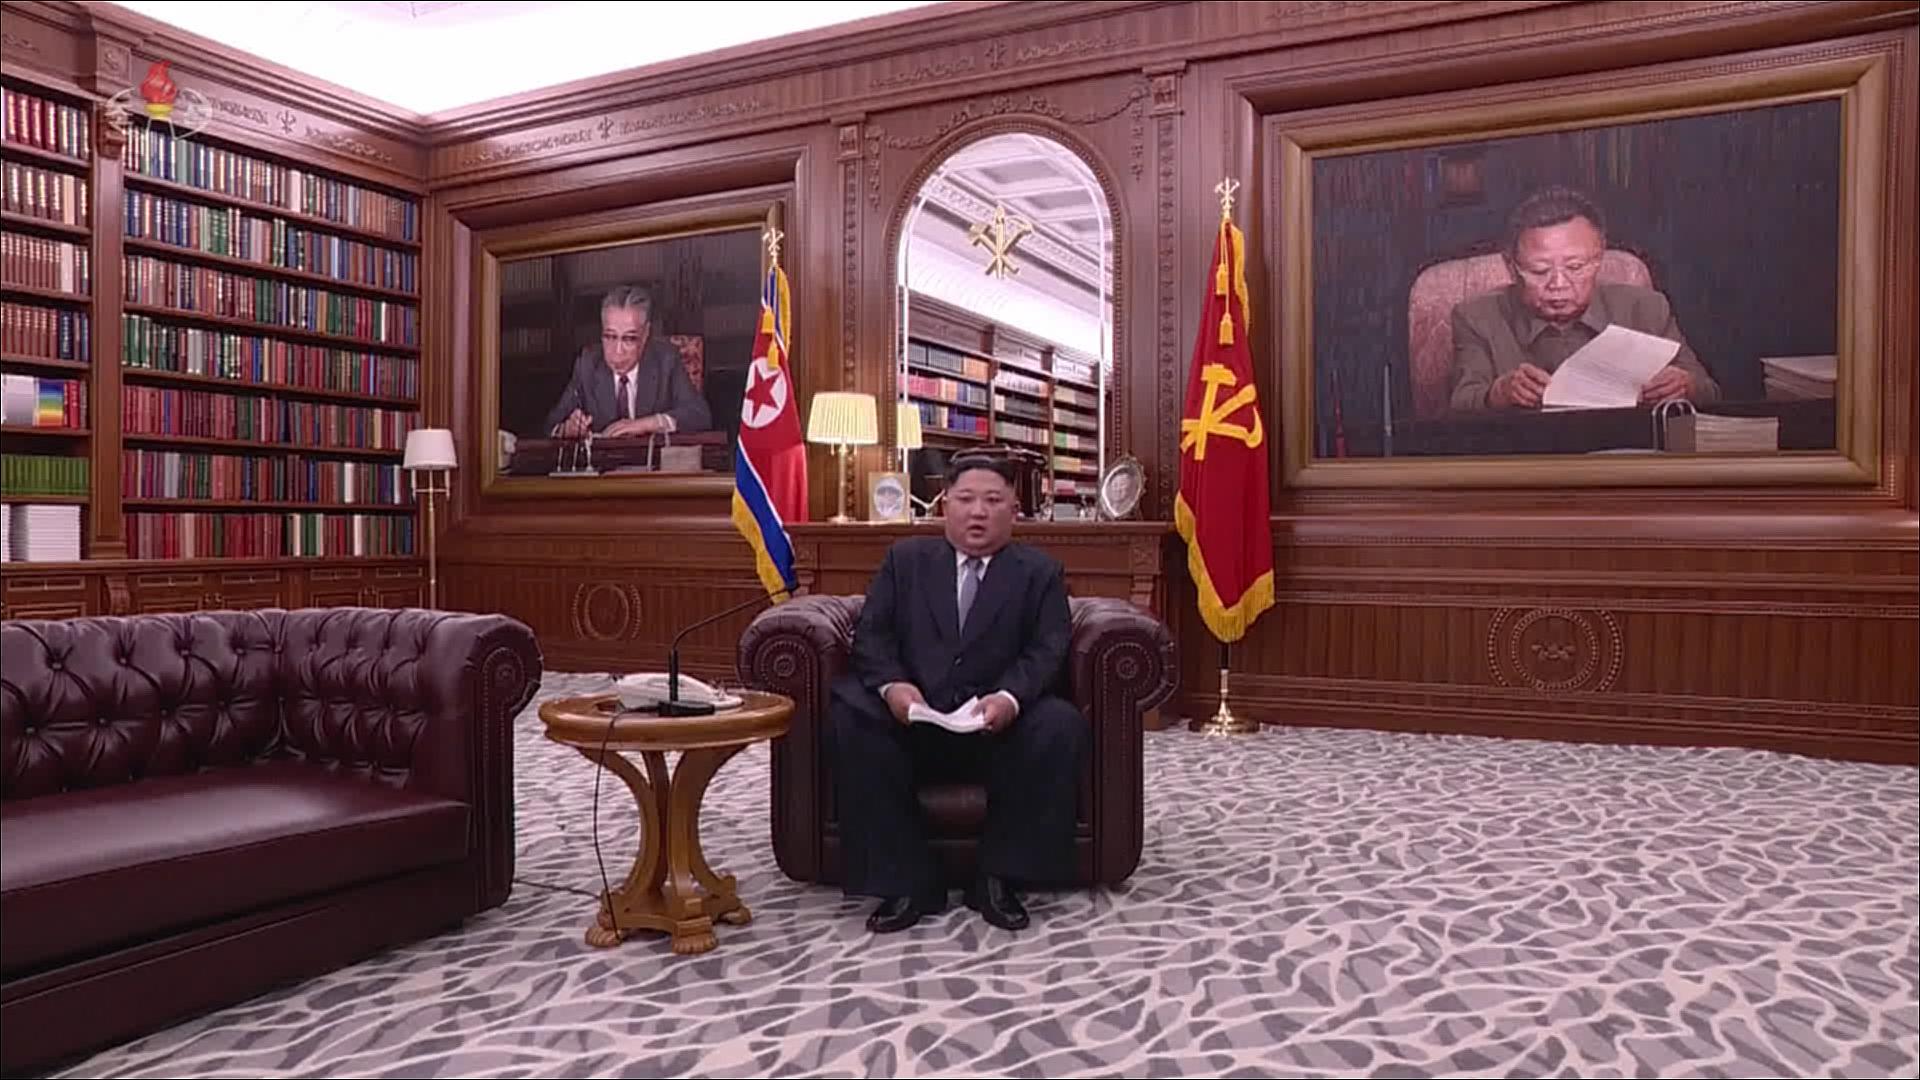 김정은 북한 국무위원장이 1일 오전 9시에 노동당 중앙위원회 청사에서 육성으로 신년사를 발표하고 있다. [연합뉴스]